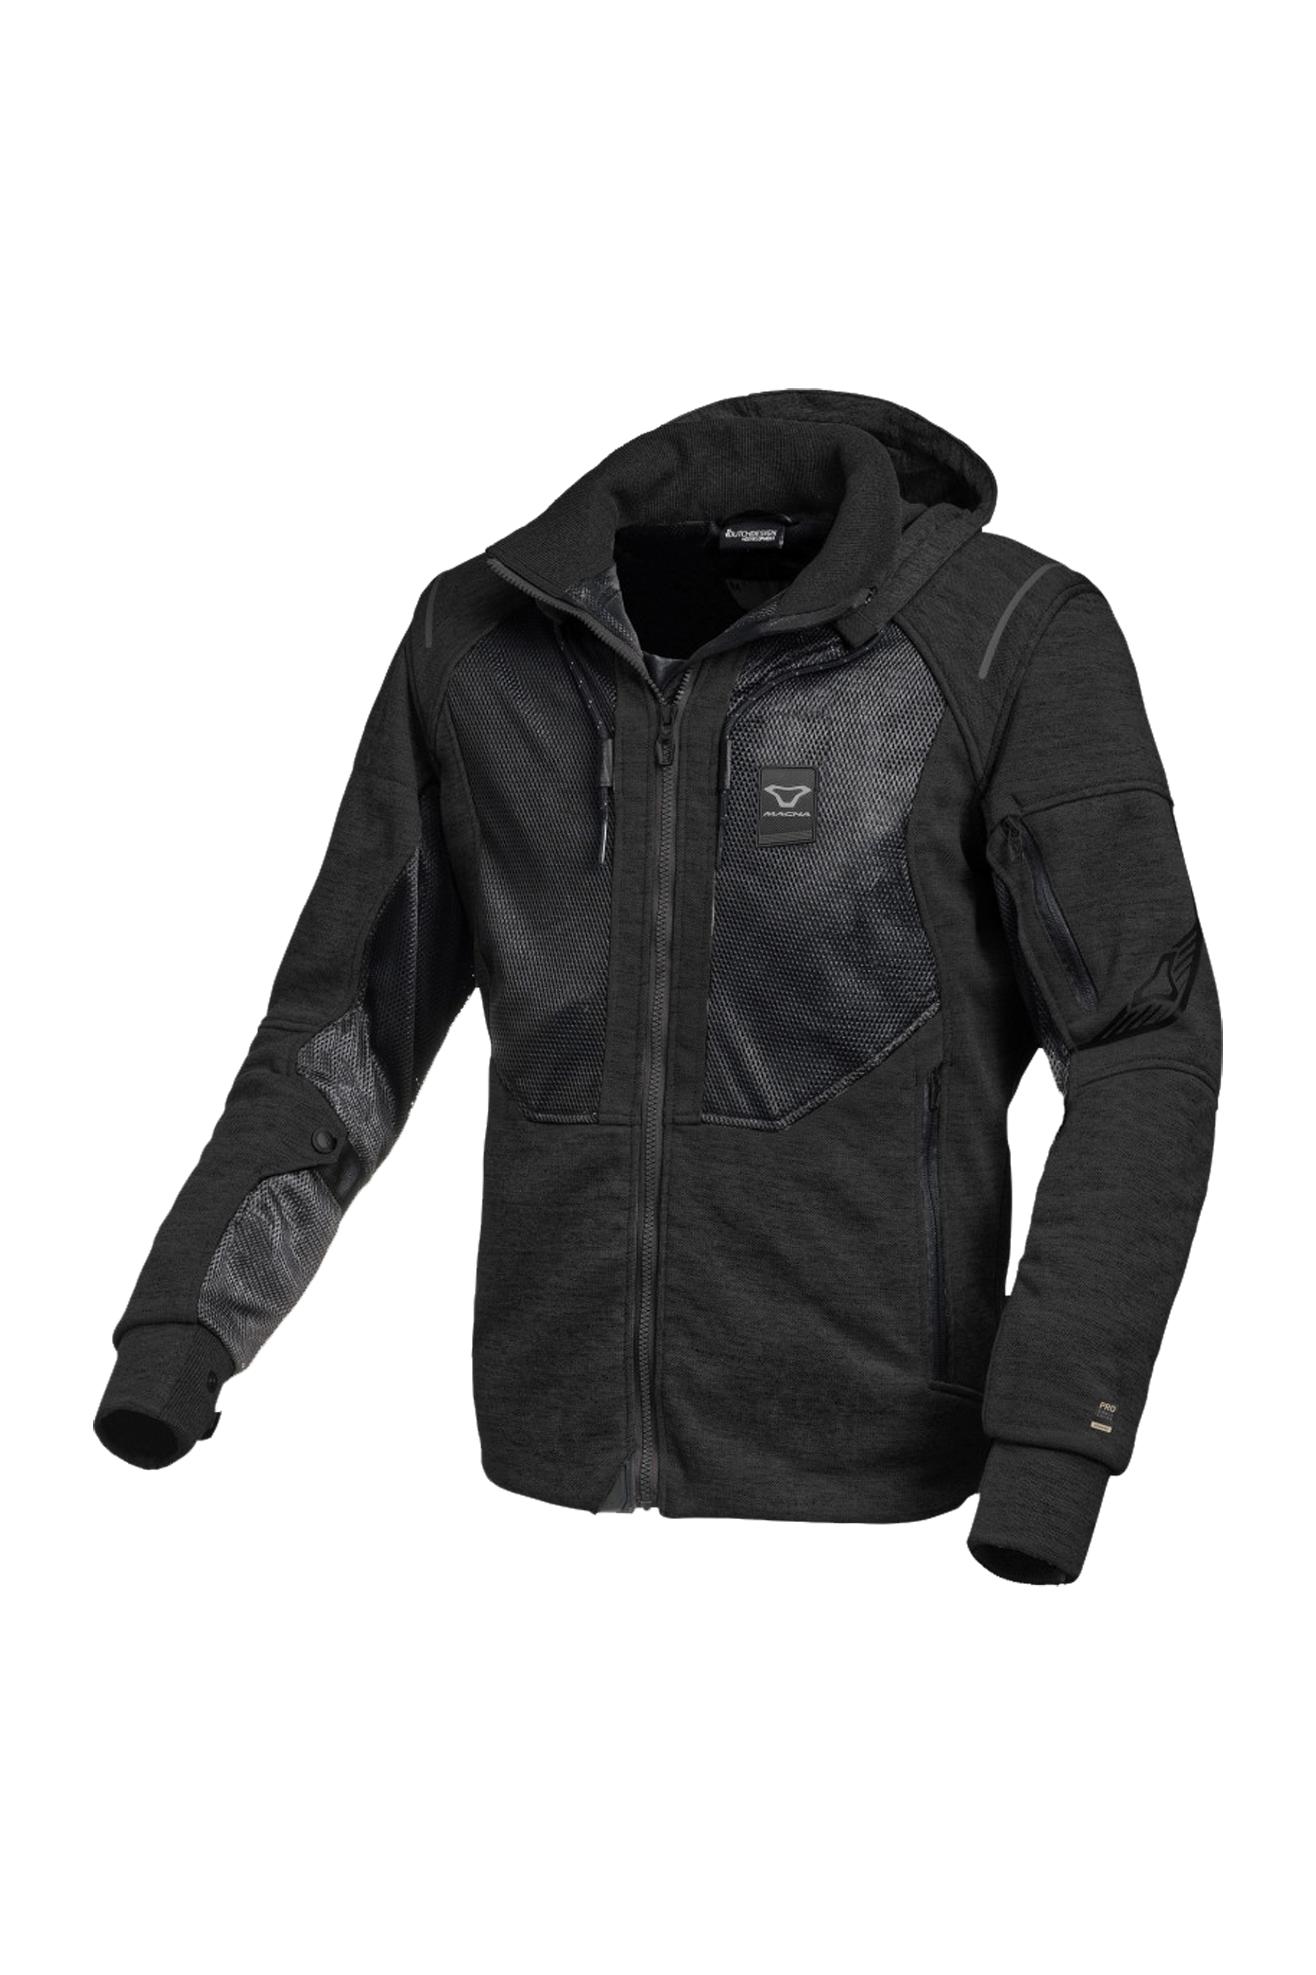 macna giacca moto  breeze pro nera